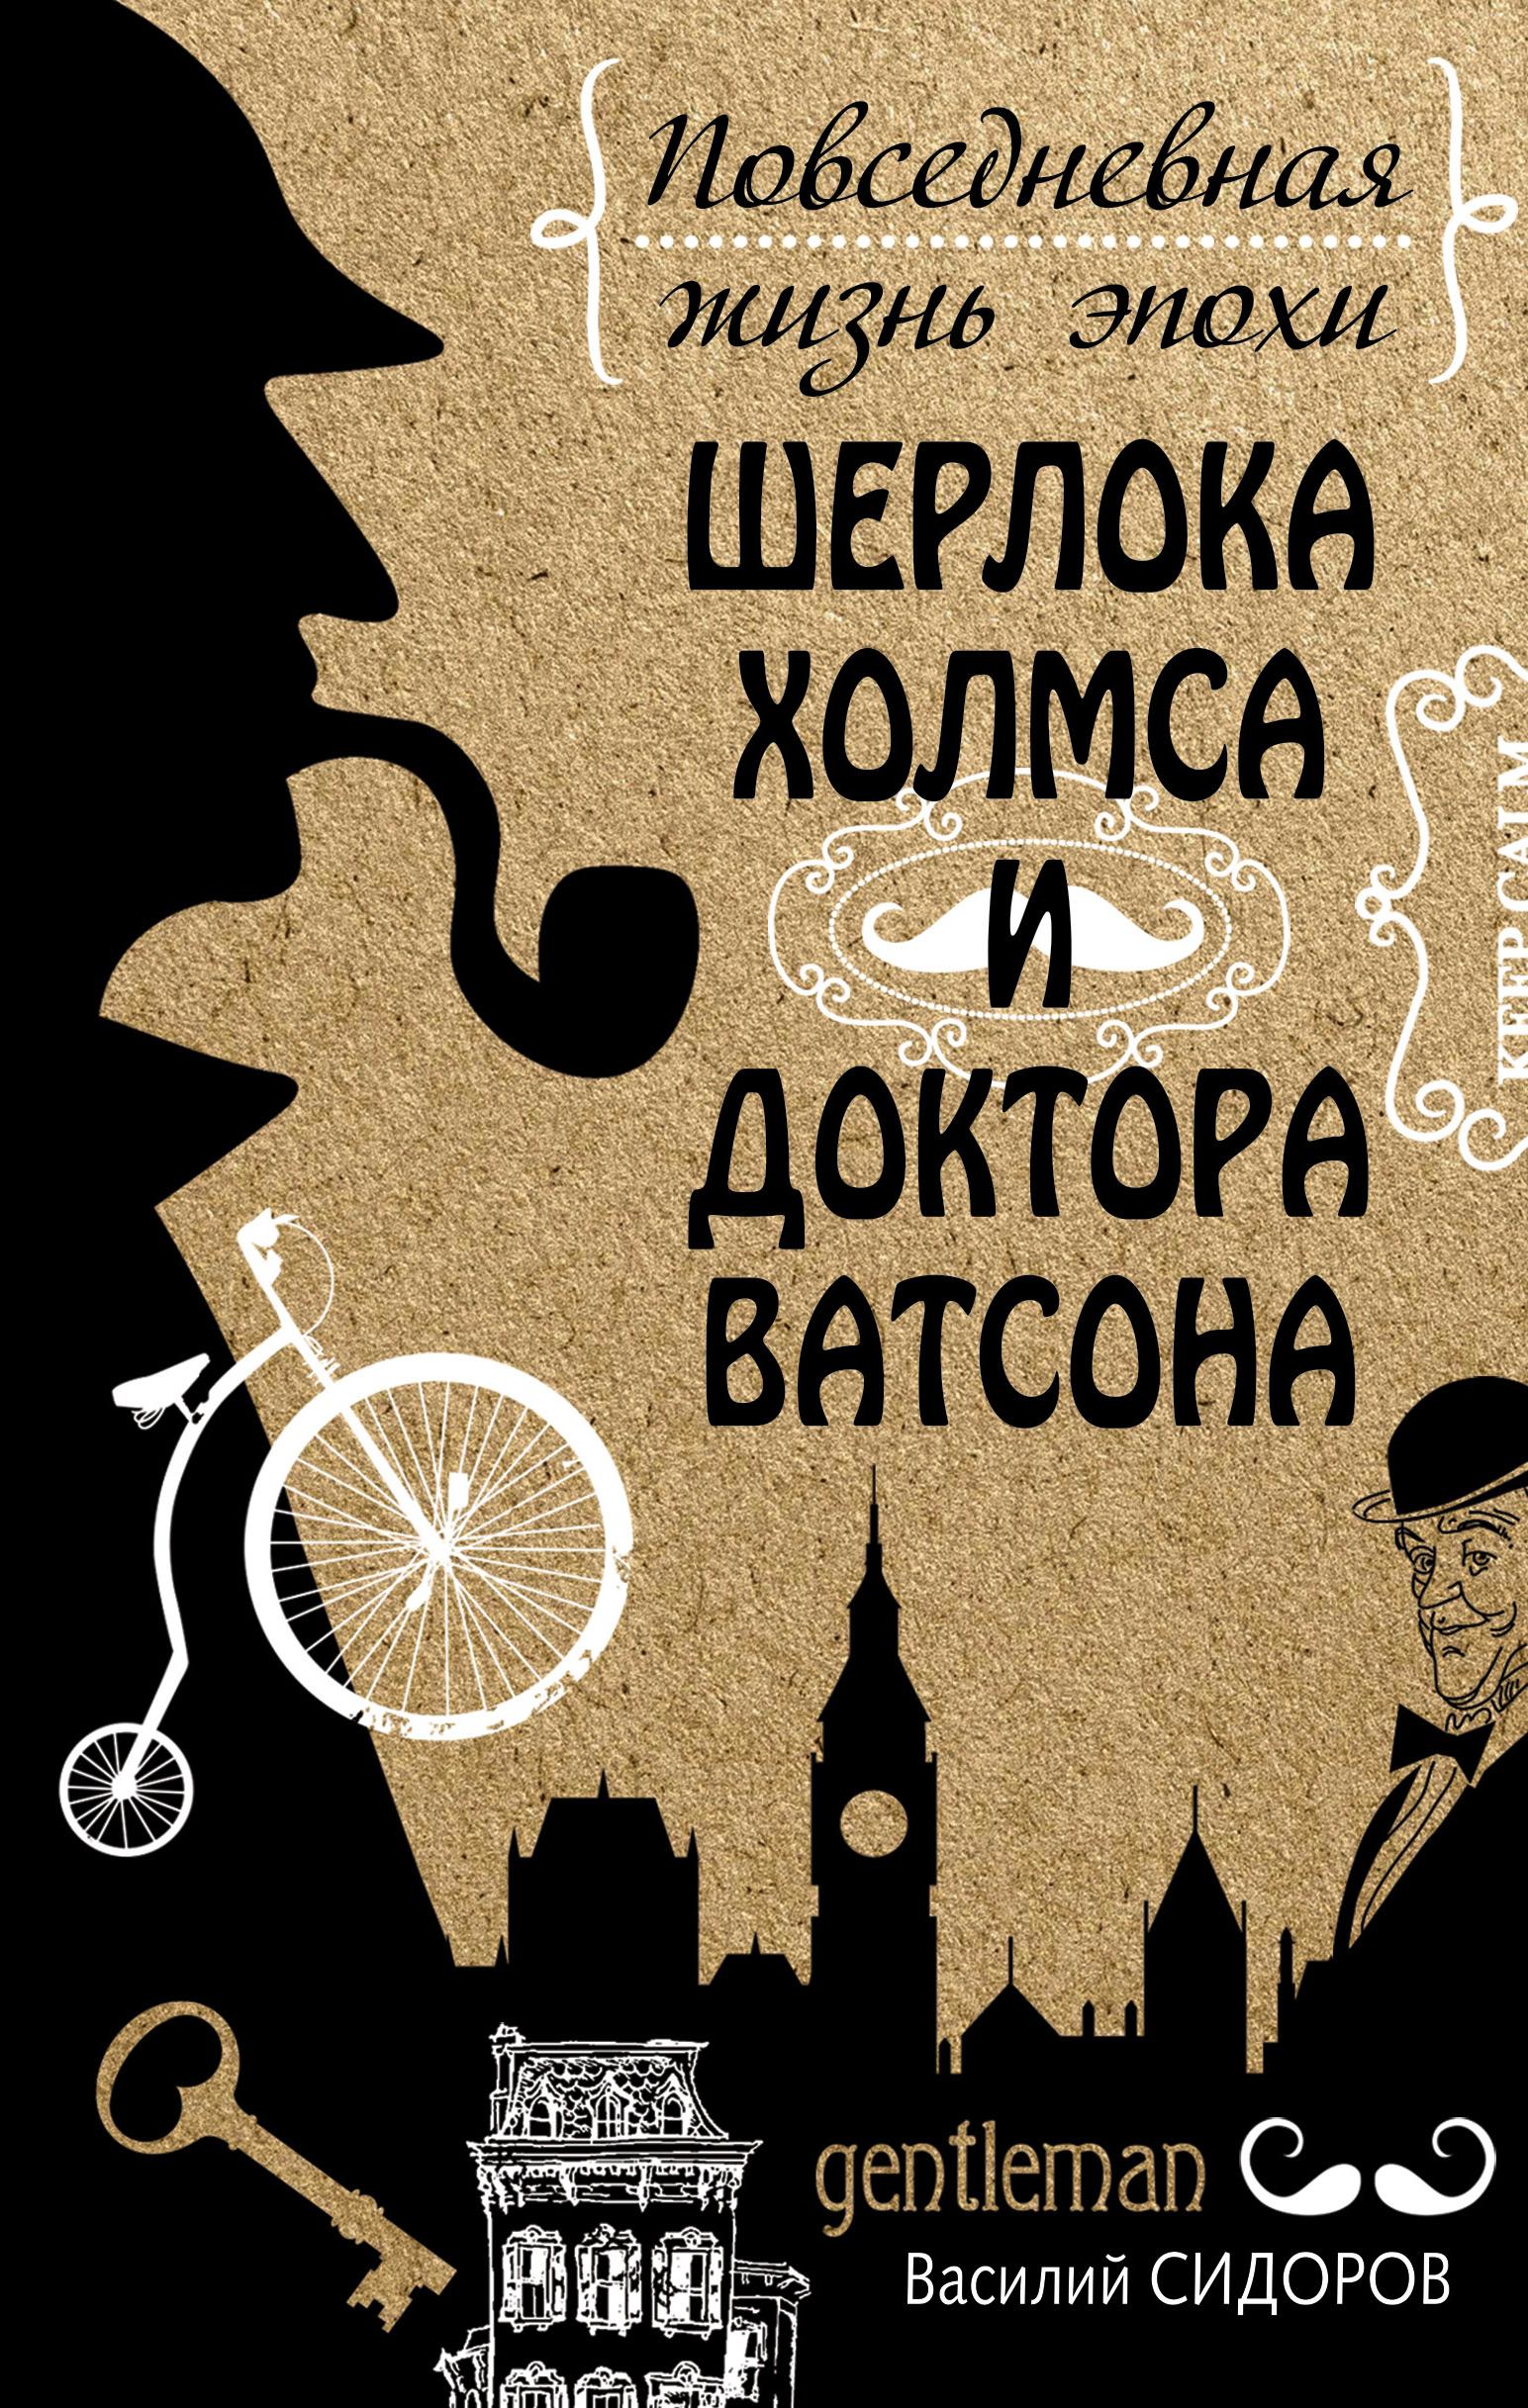 Повседневная жизнь эпохи Шерлока Холмса и доктора Ватсона